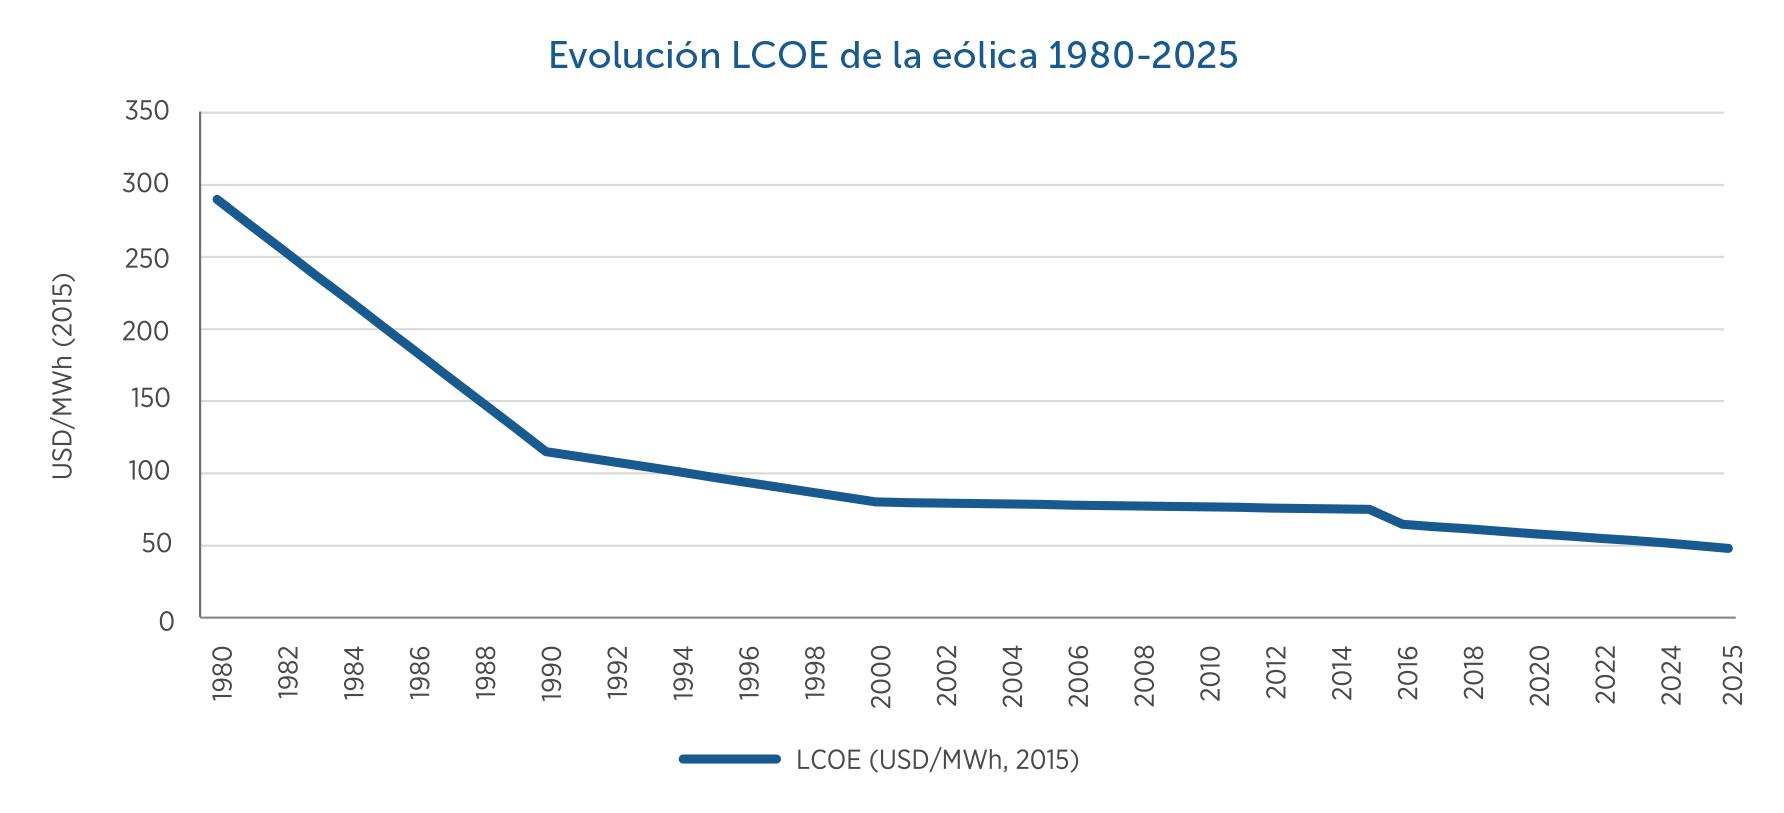 20-Evolucion-LCOE-de-eolica-1980-2025